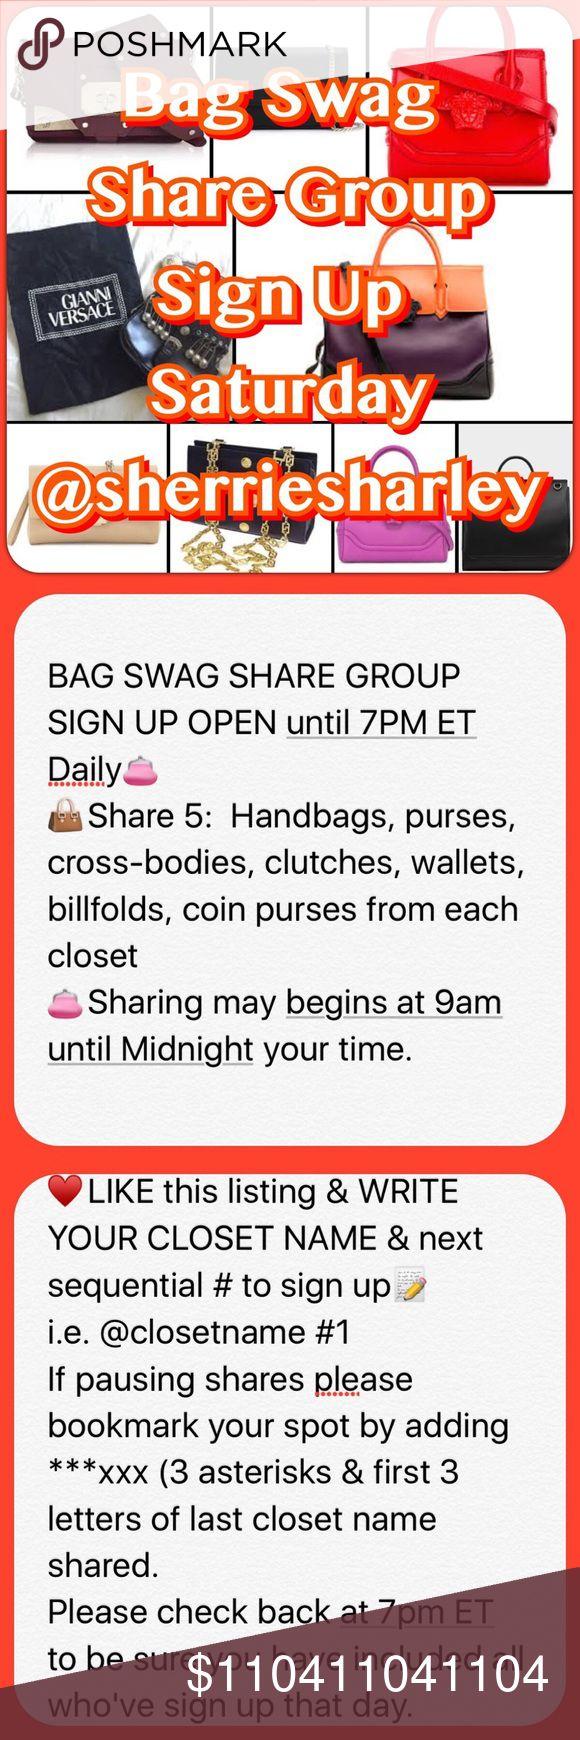 11/4 SAT Bag Swag Share Group Sign Up  Until 7pm 11/4 SAT Bag Swag Share Group Sign Up  Until 7pm JOIN US Bags